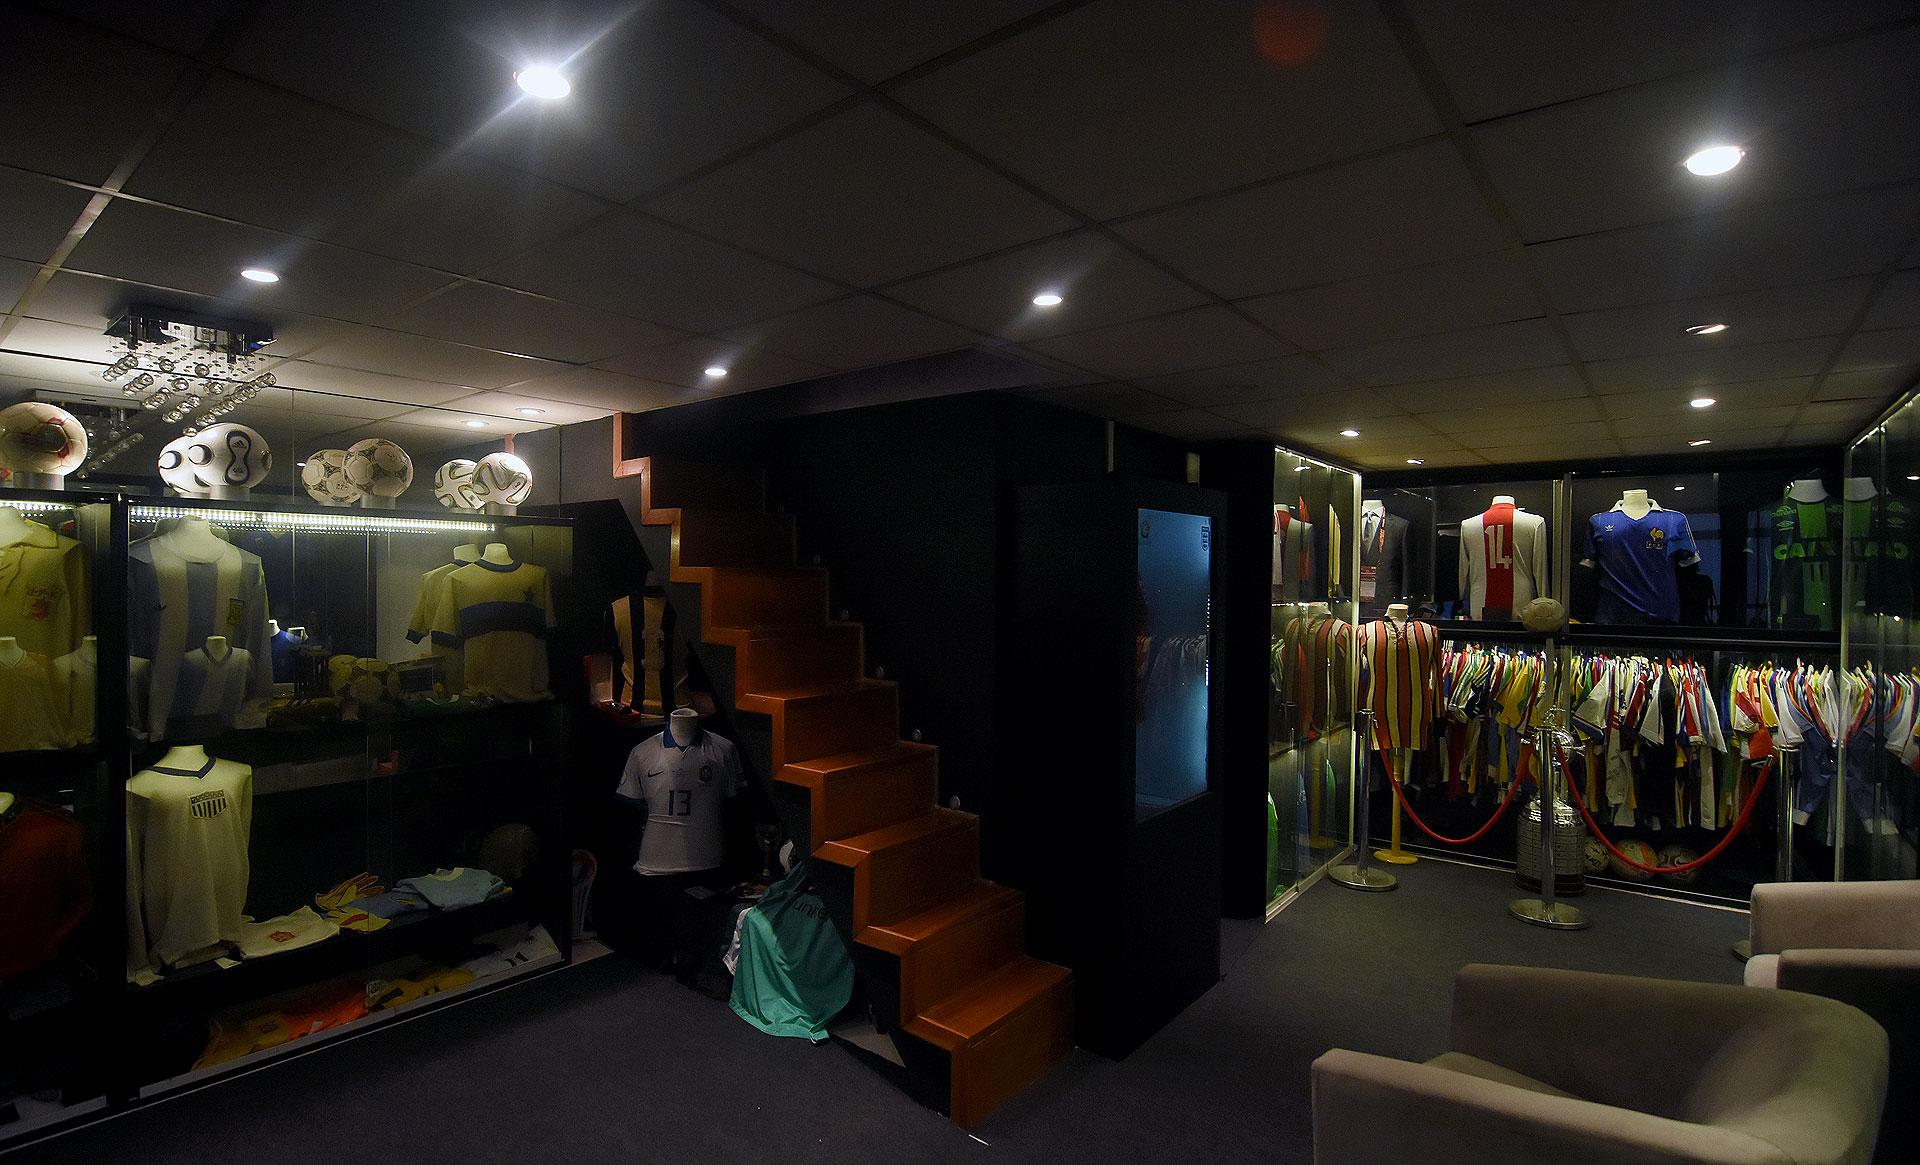 La escalera conecta un piso de otro: arriba hay más reliquias (Nicolas Stulberg)